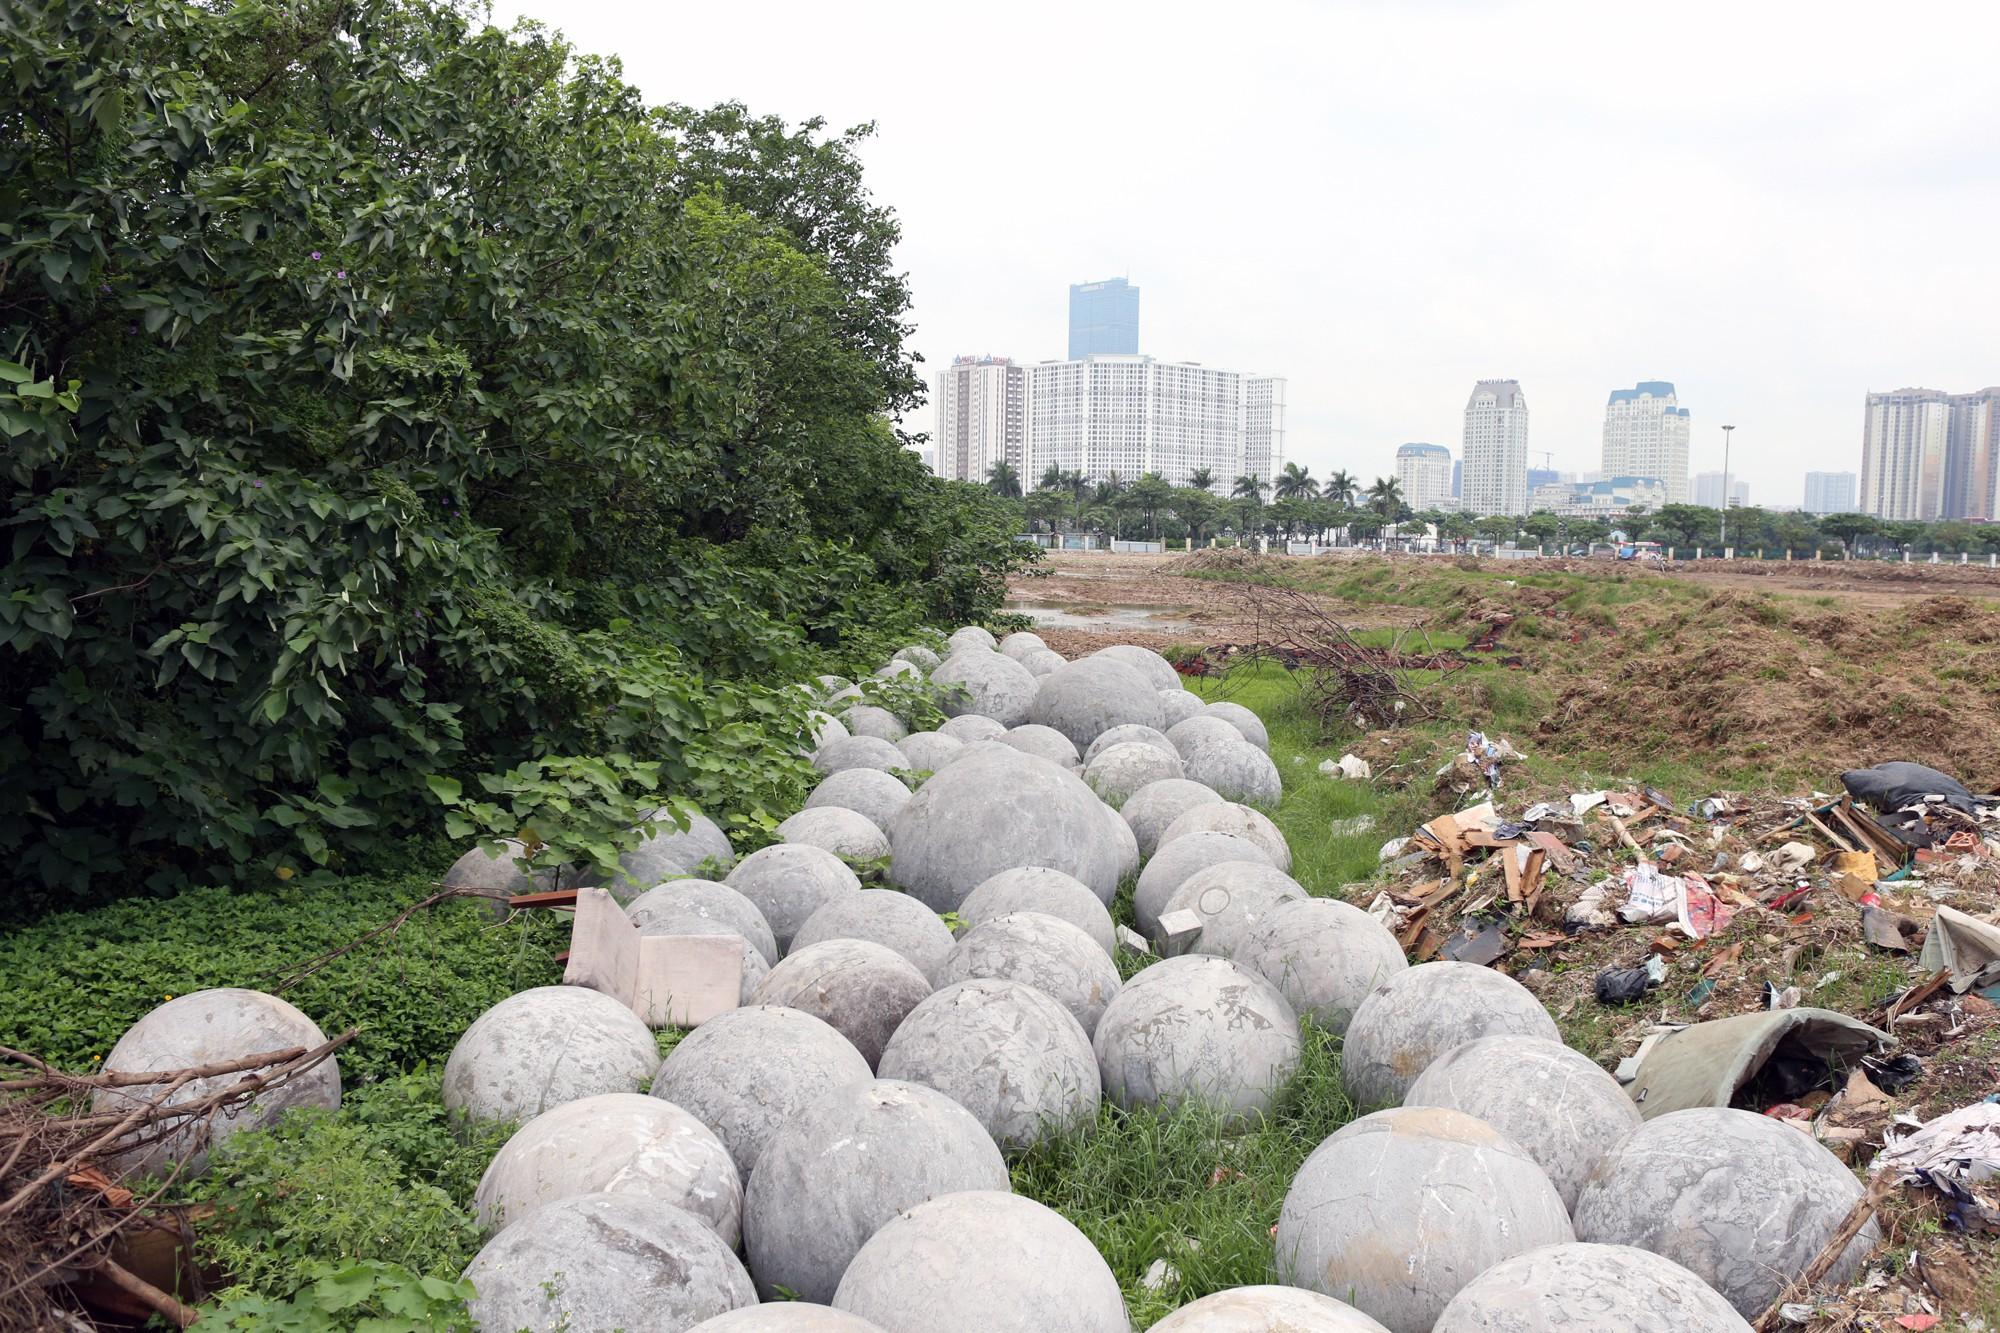 Bóng xích ở sân Mỹ Đình nguy cơ bị chôn trong rác - Ảnh 2.